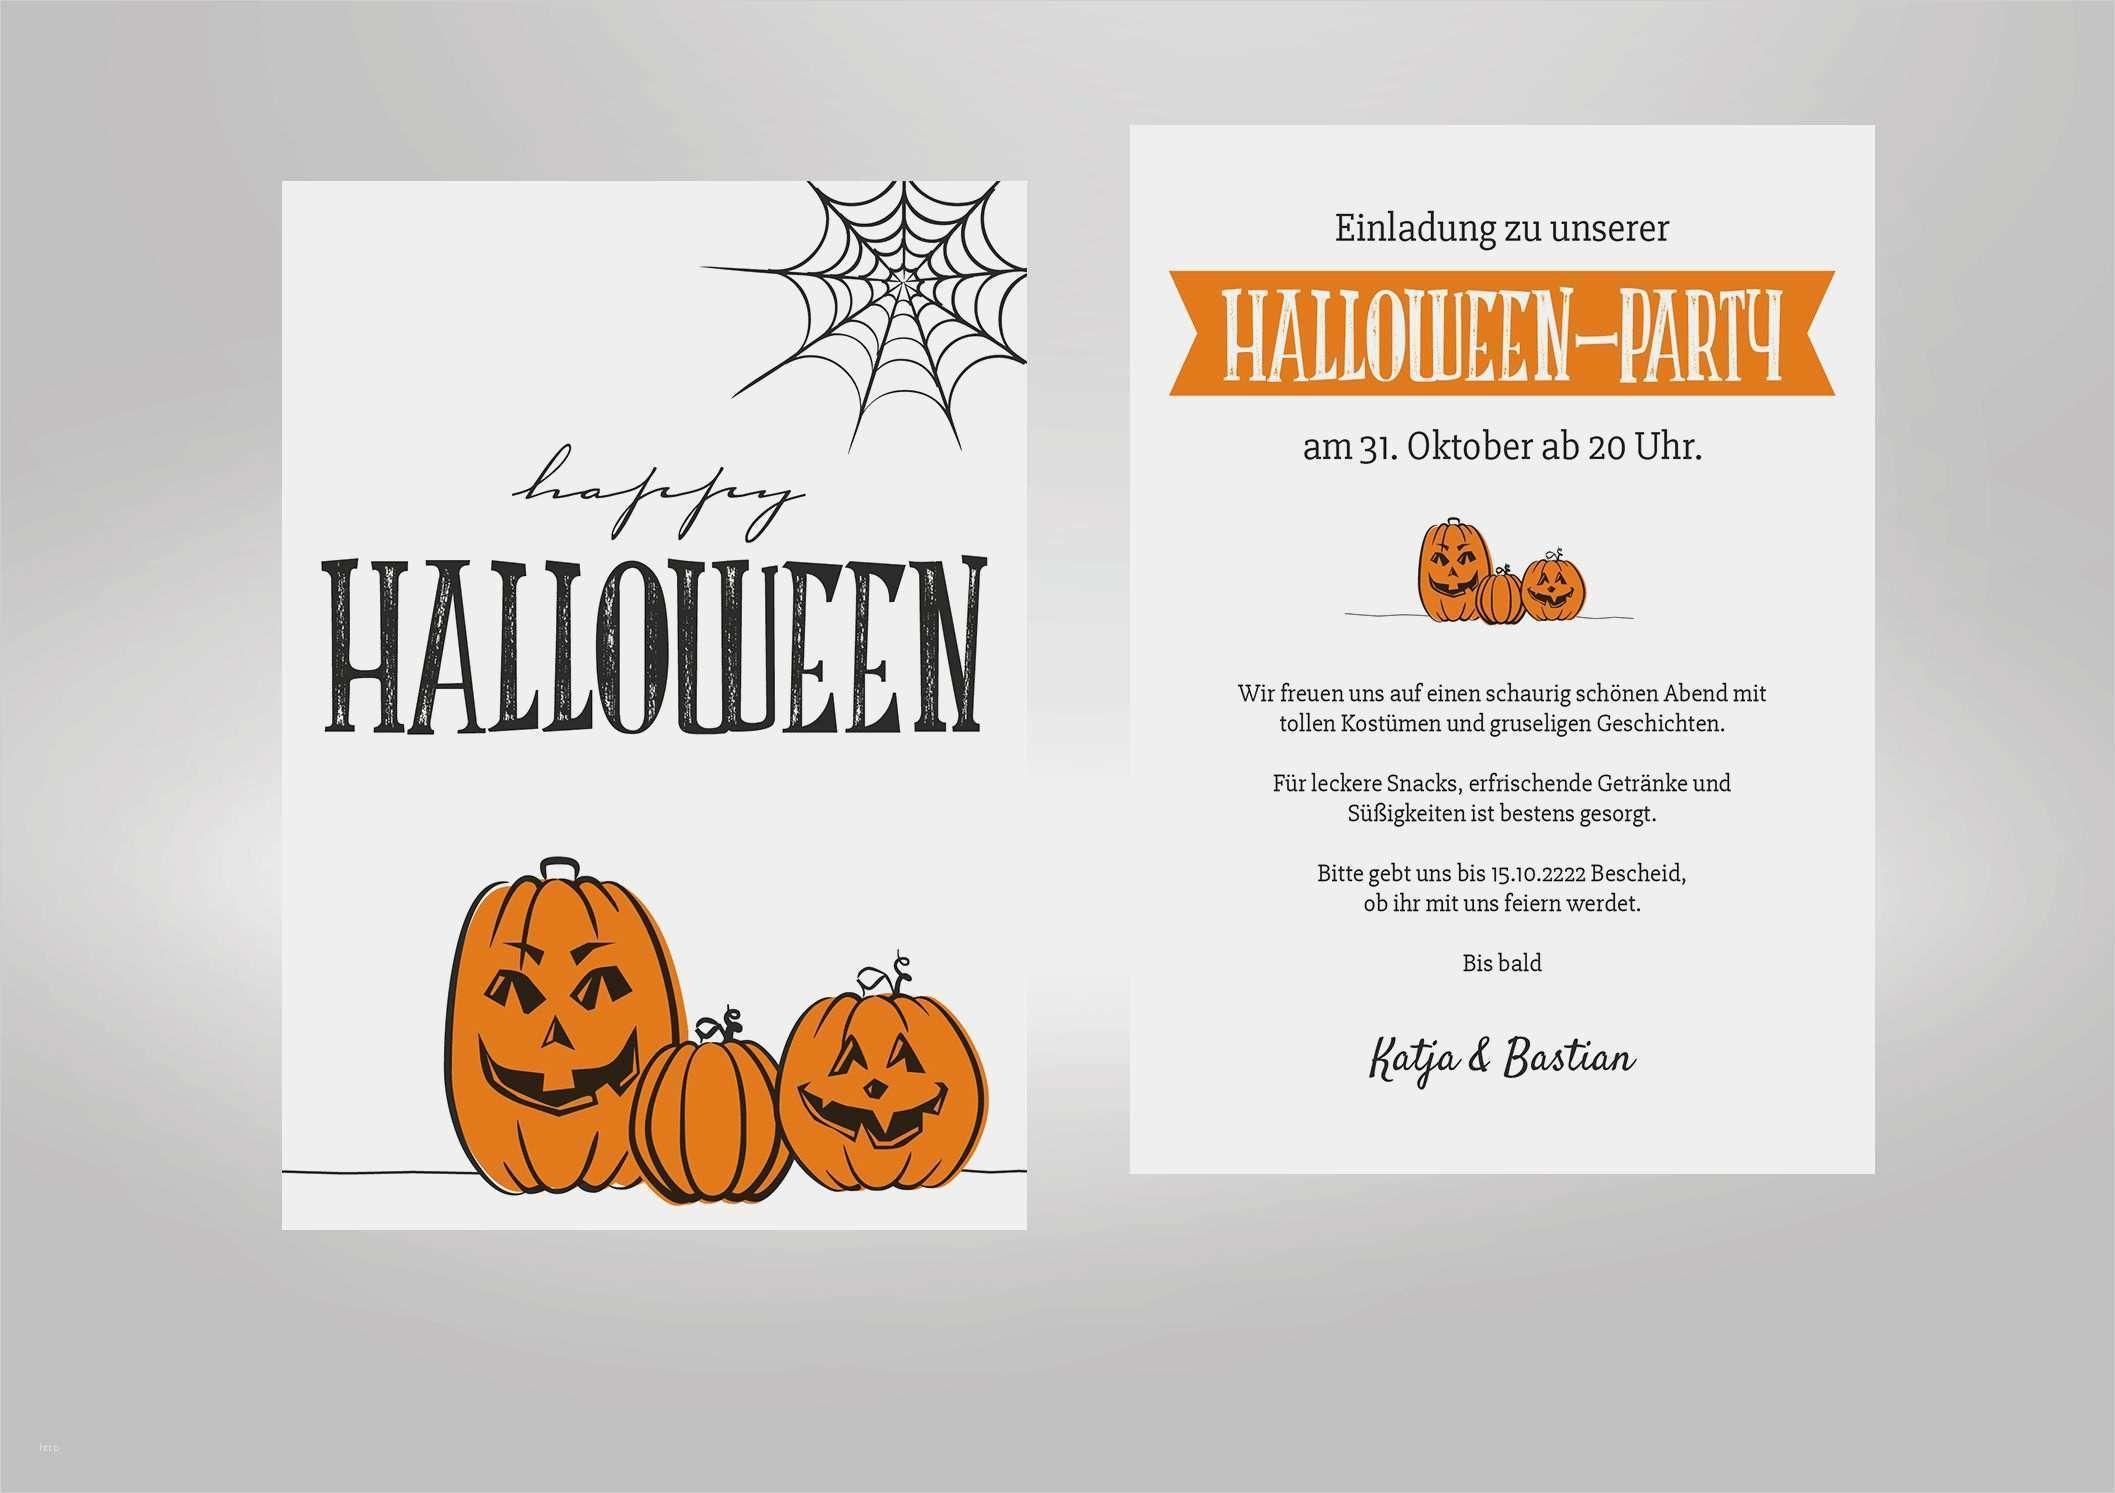 31 Gut Einladung Halloween Party Vorlagen Kostenlos Bilder In 2020 Einladung Kindergeburtstag Text Einladungen Hochzeitstag Hochzeit Lustig